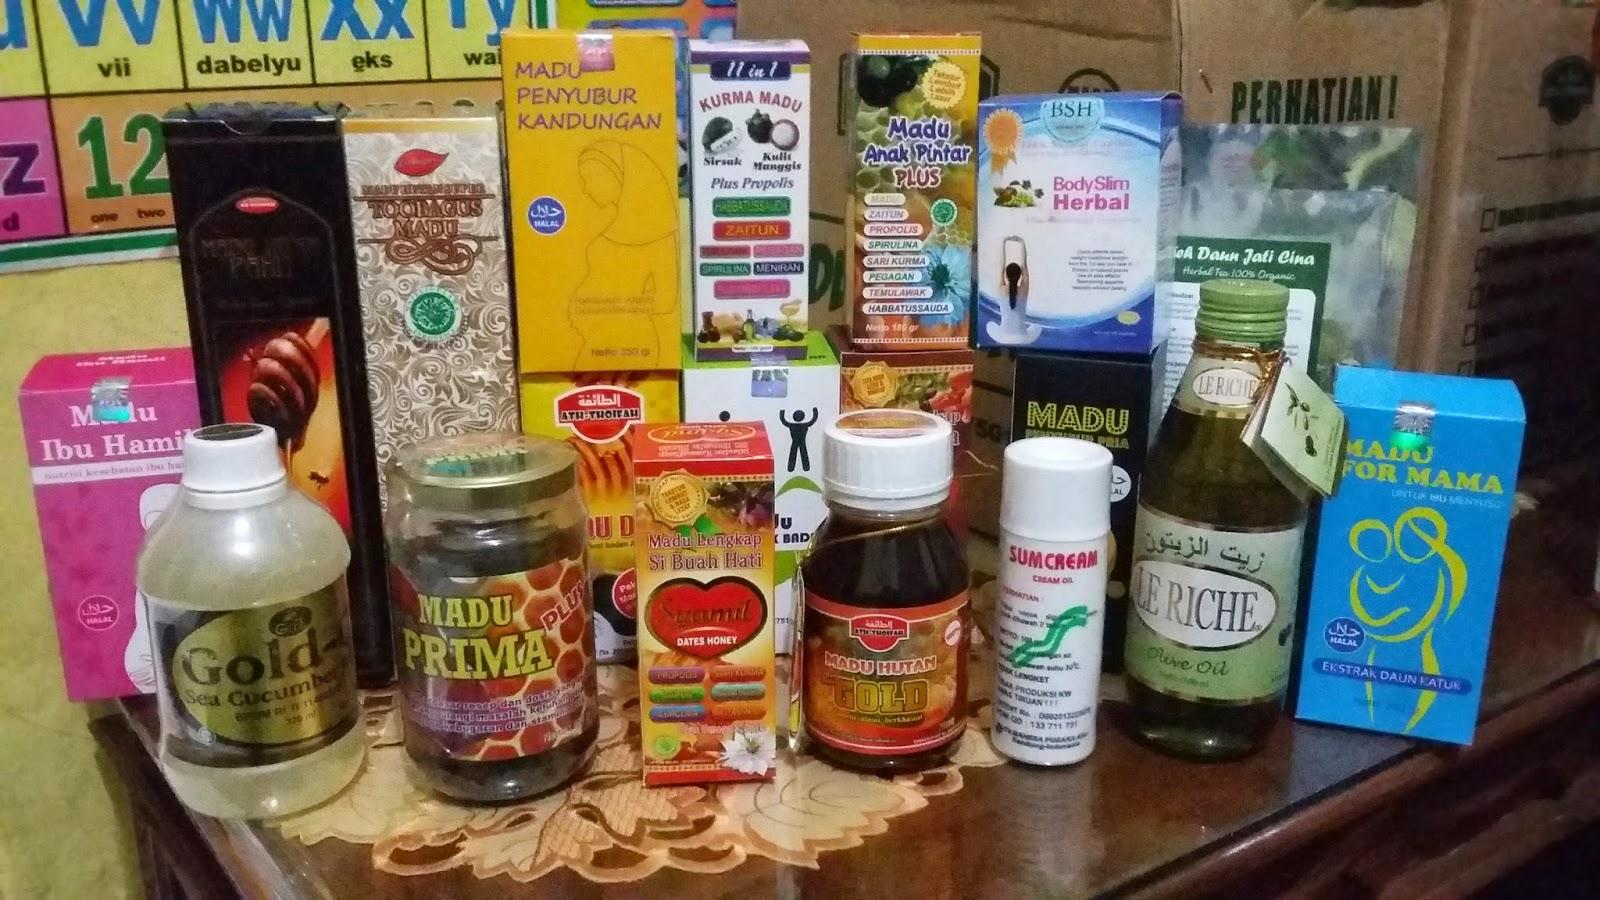 Daftar Harga Rumah Madu Bandung Herbal Shop Imanudin Lengkap Si Buah Hati Syamil Dates Honey Penyubur Kandungan